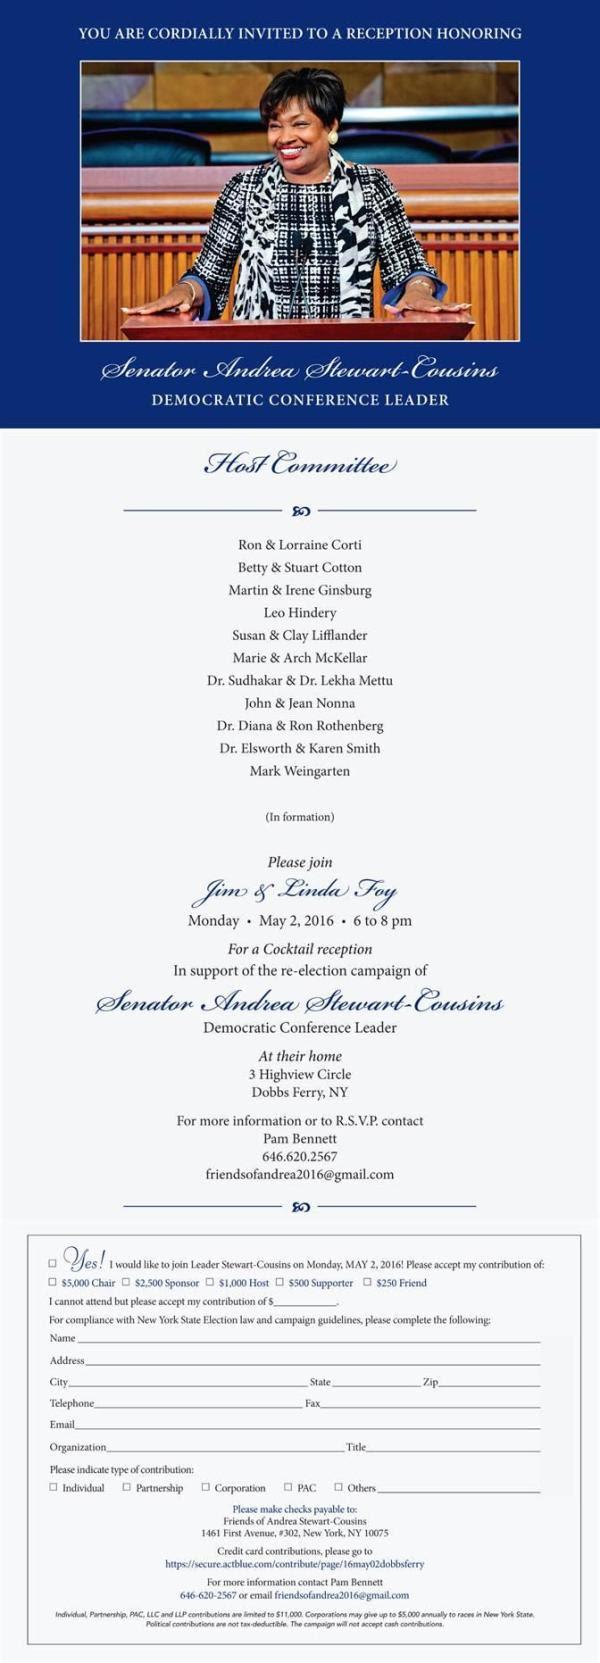 Dobbs Ferry Fundraiser